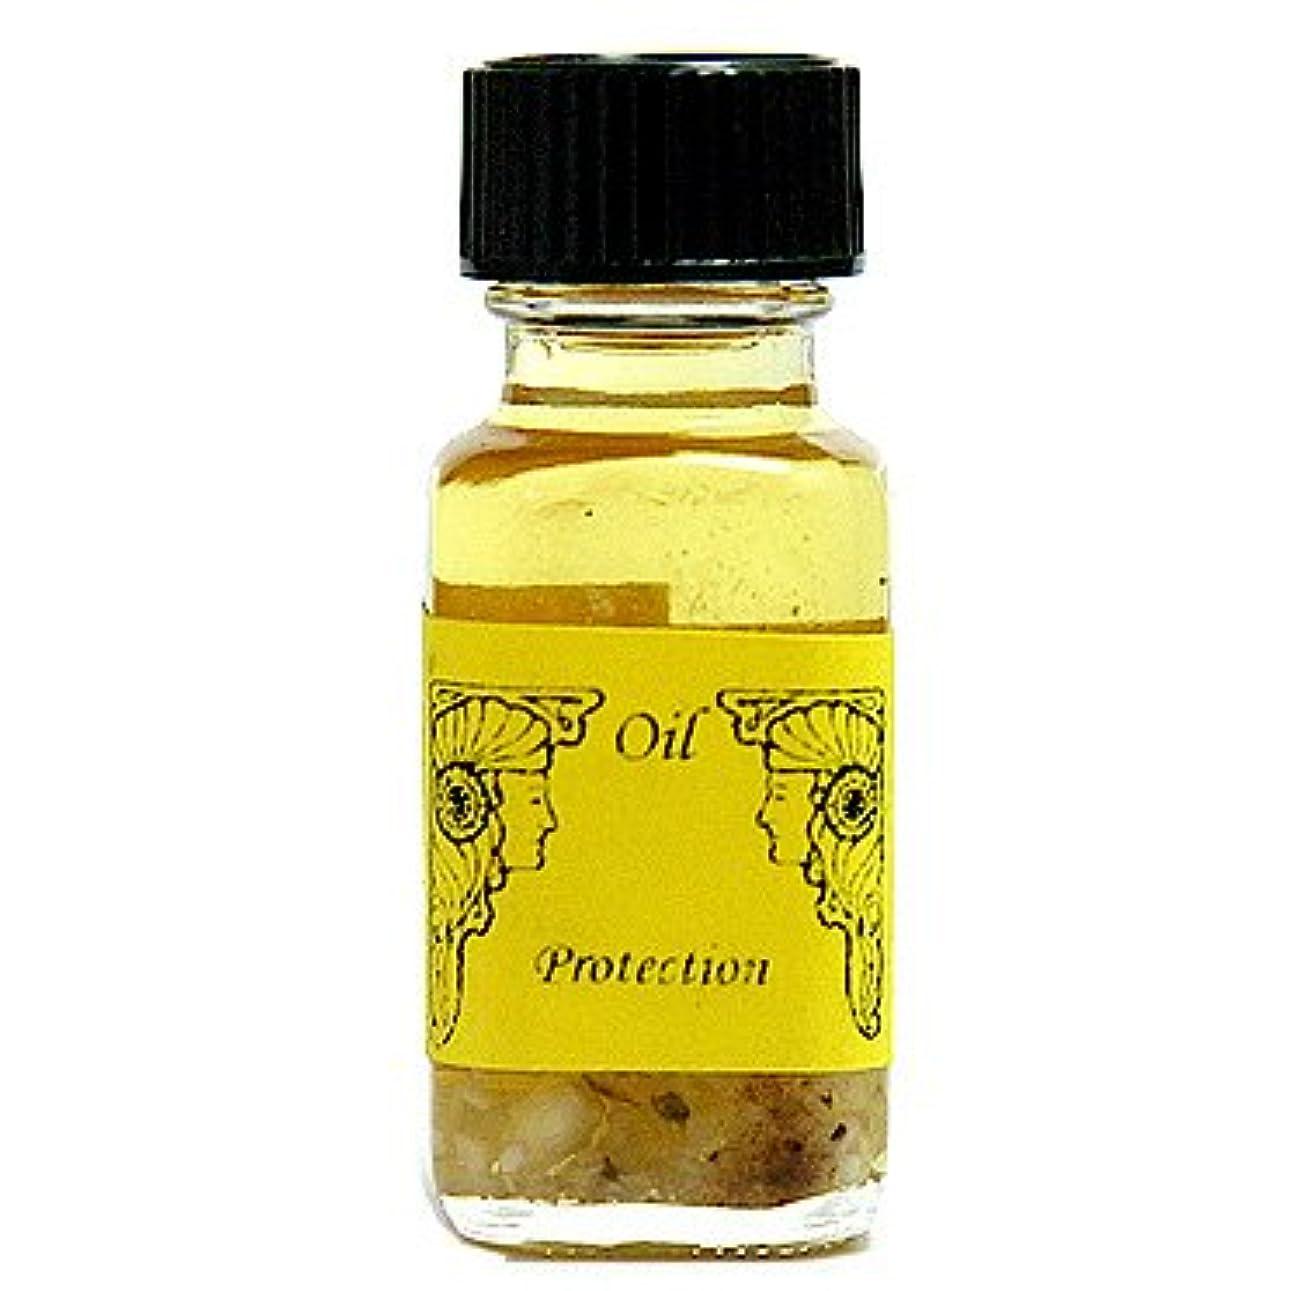 呼吸組み合わせる防水アンシェントメモリーオイル プロテクション (守護?厄よけ) 15ml (Ancient Memory Oils)